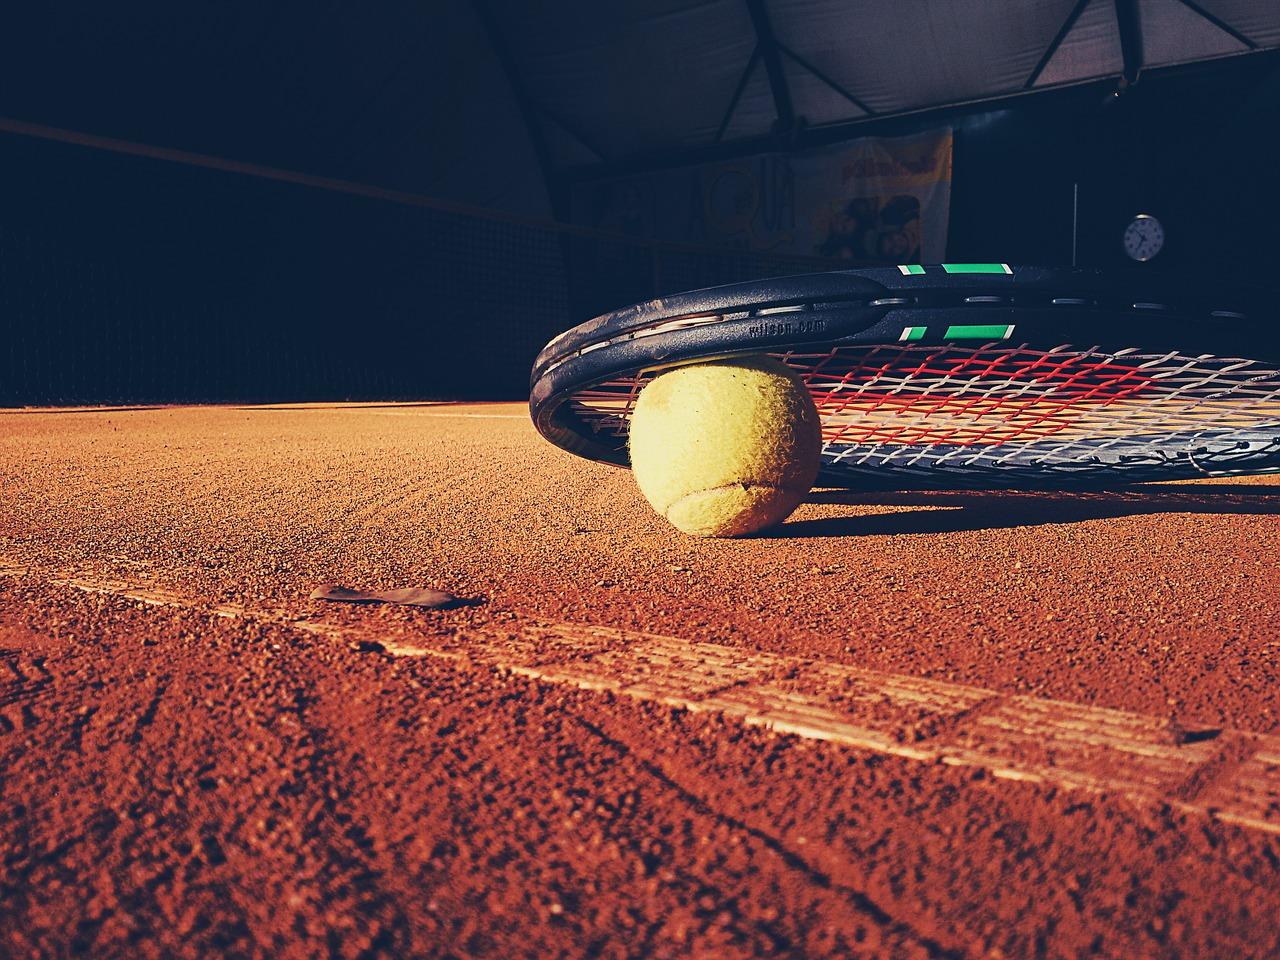 Tennisschläger auf dem Boden